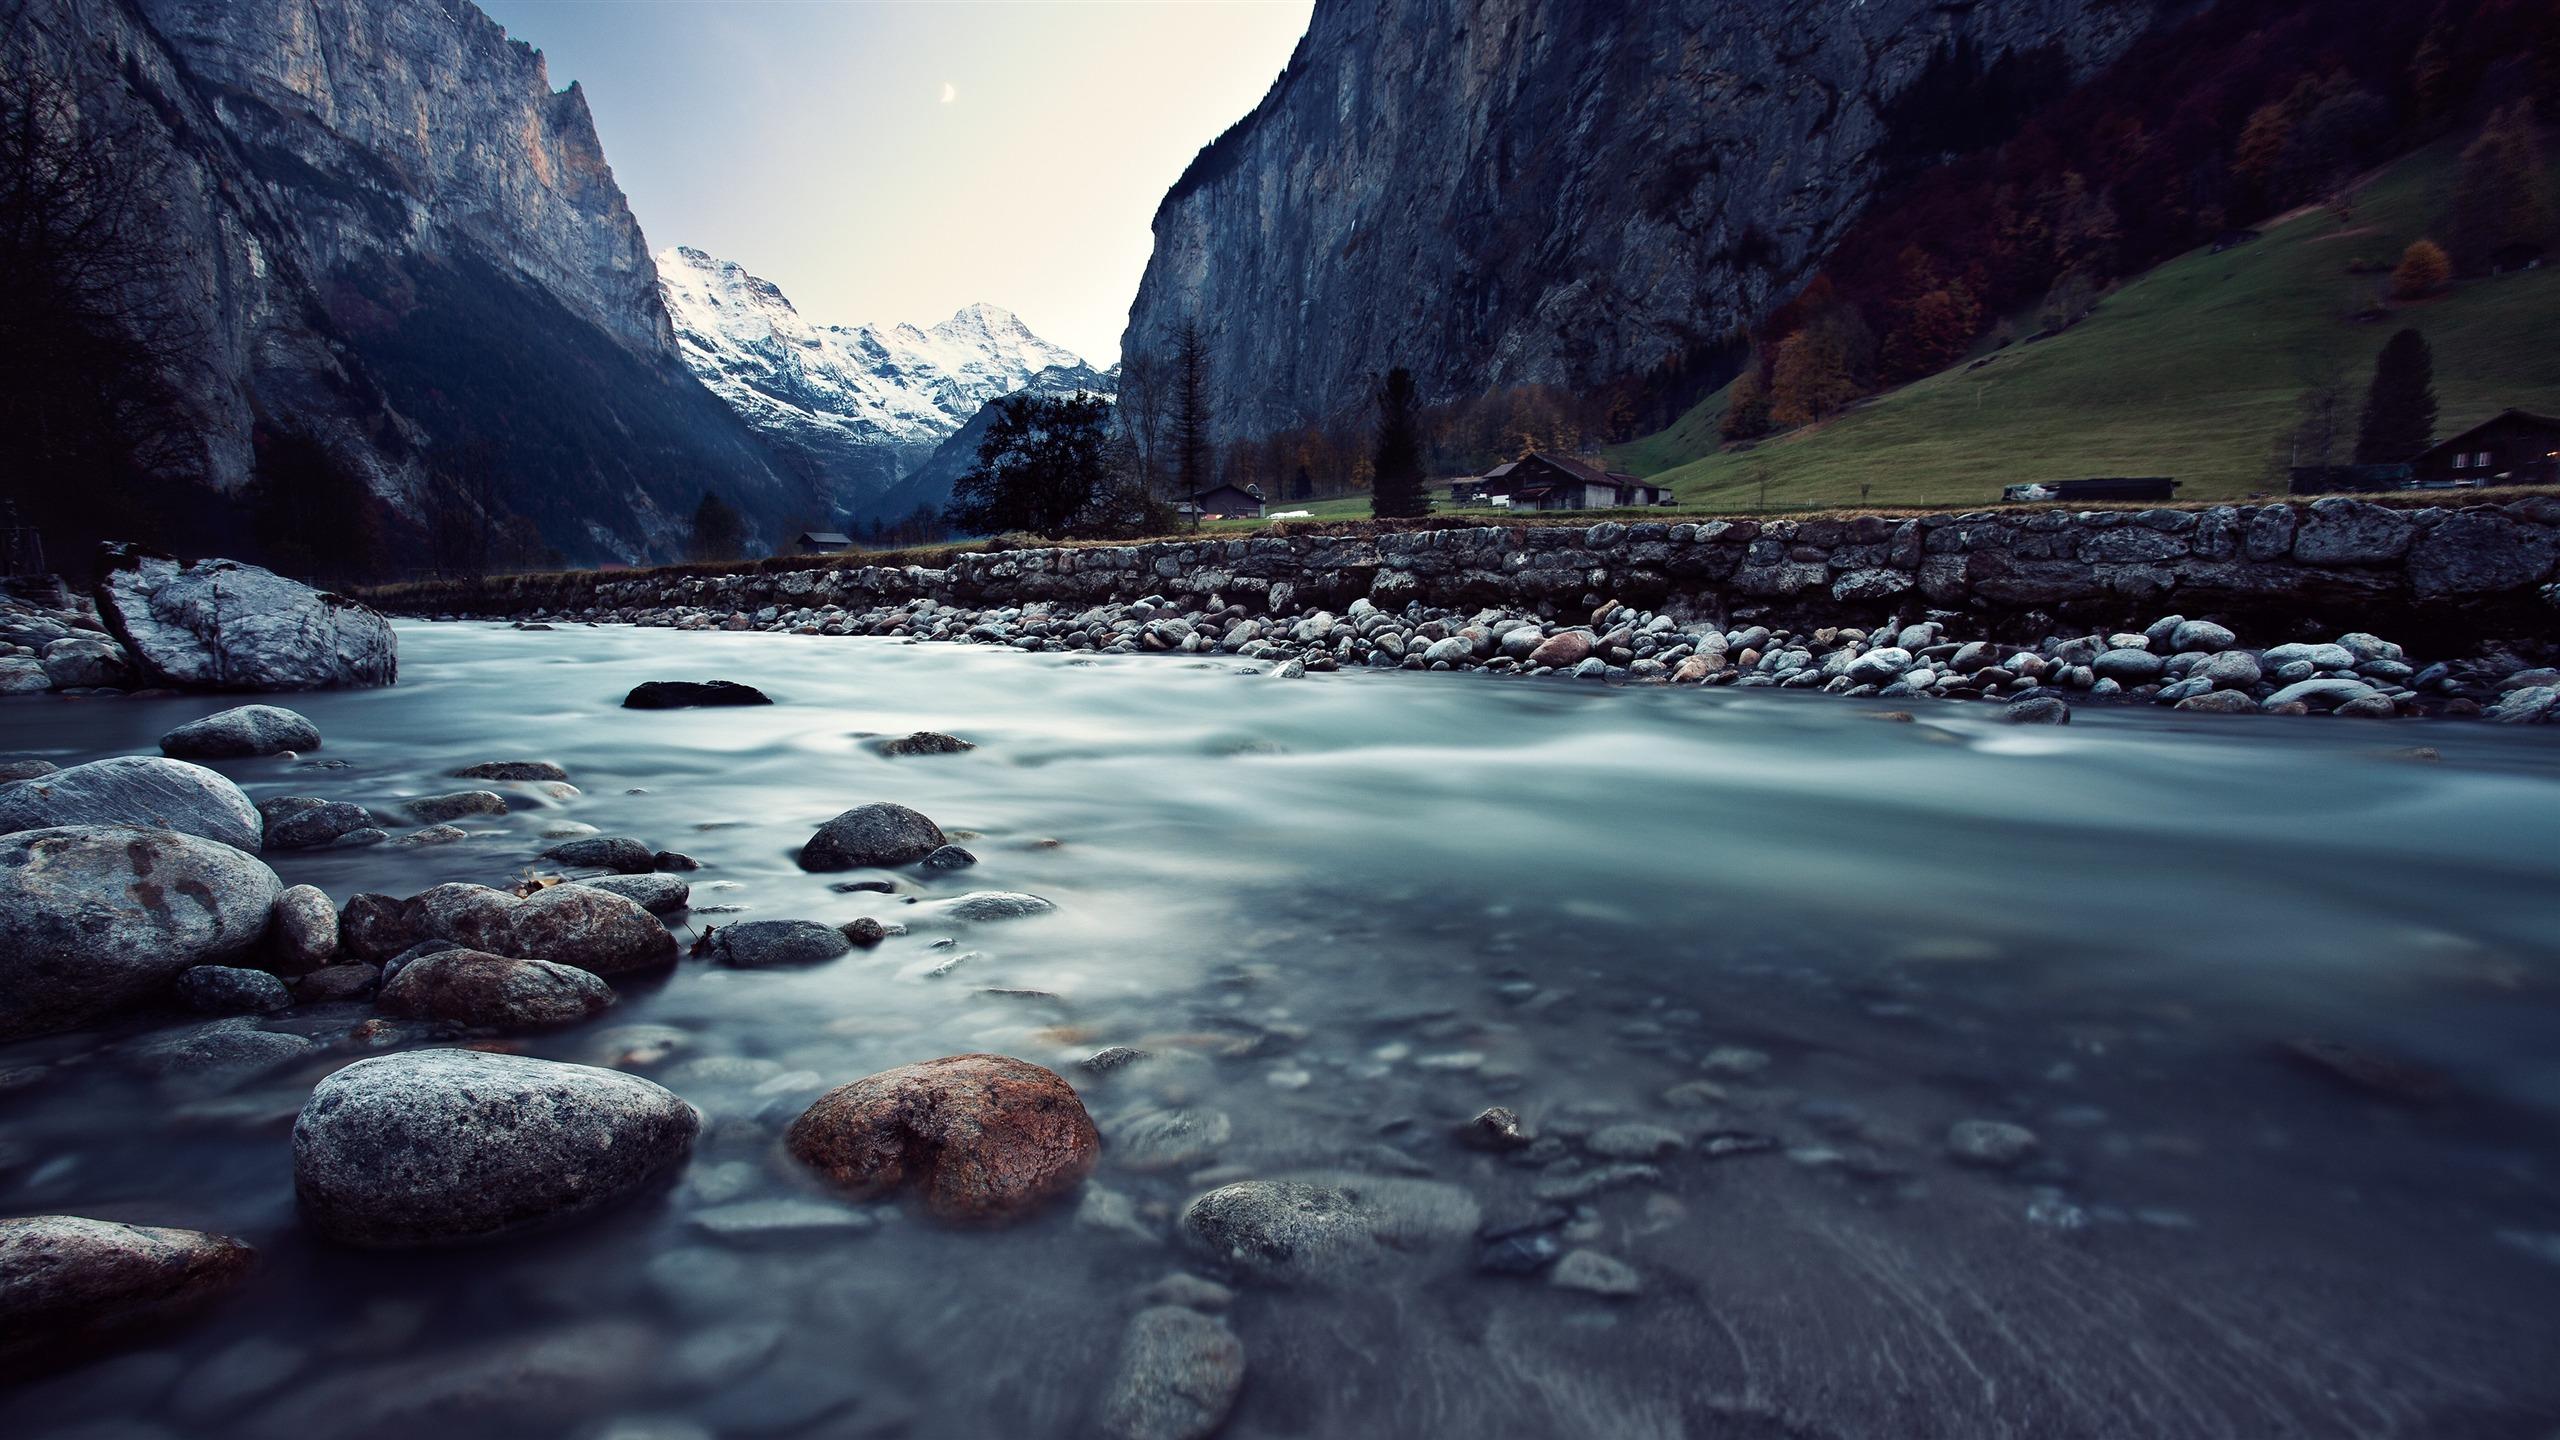 雪,山,峡谷,河流,木屋,4K,高清,桌面预览 | 10wallpaper.com